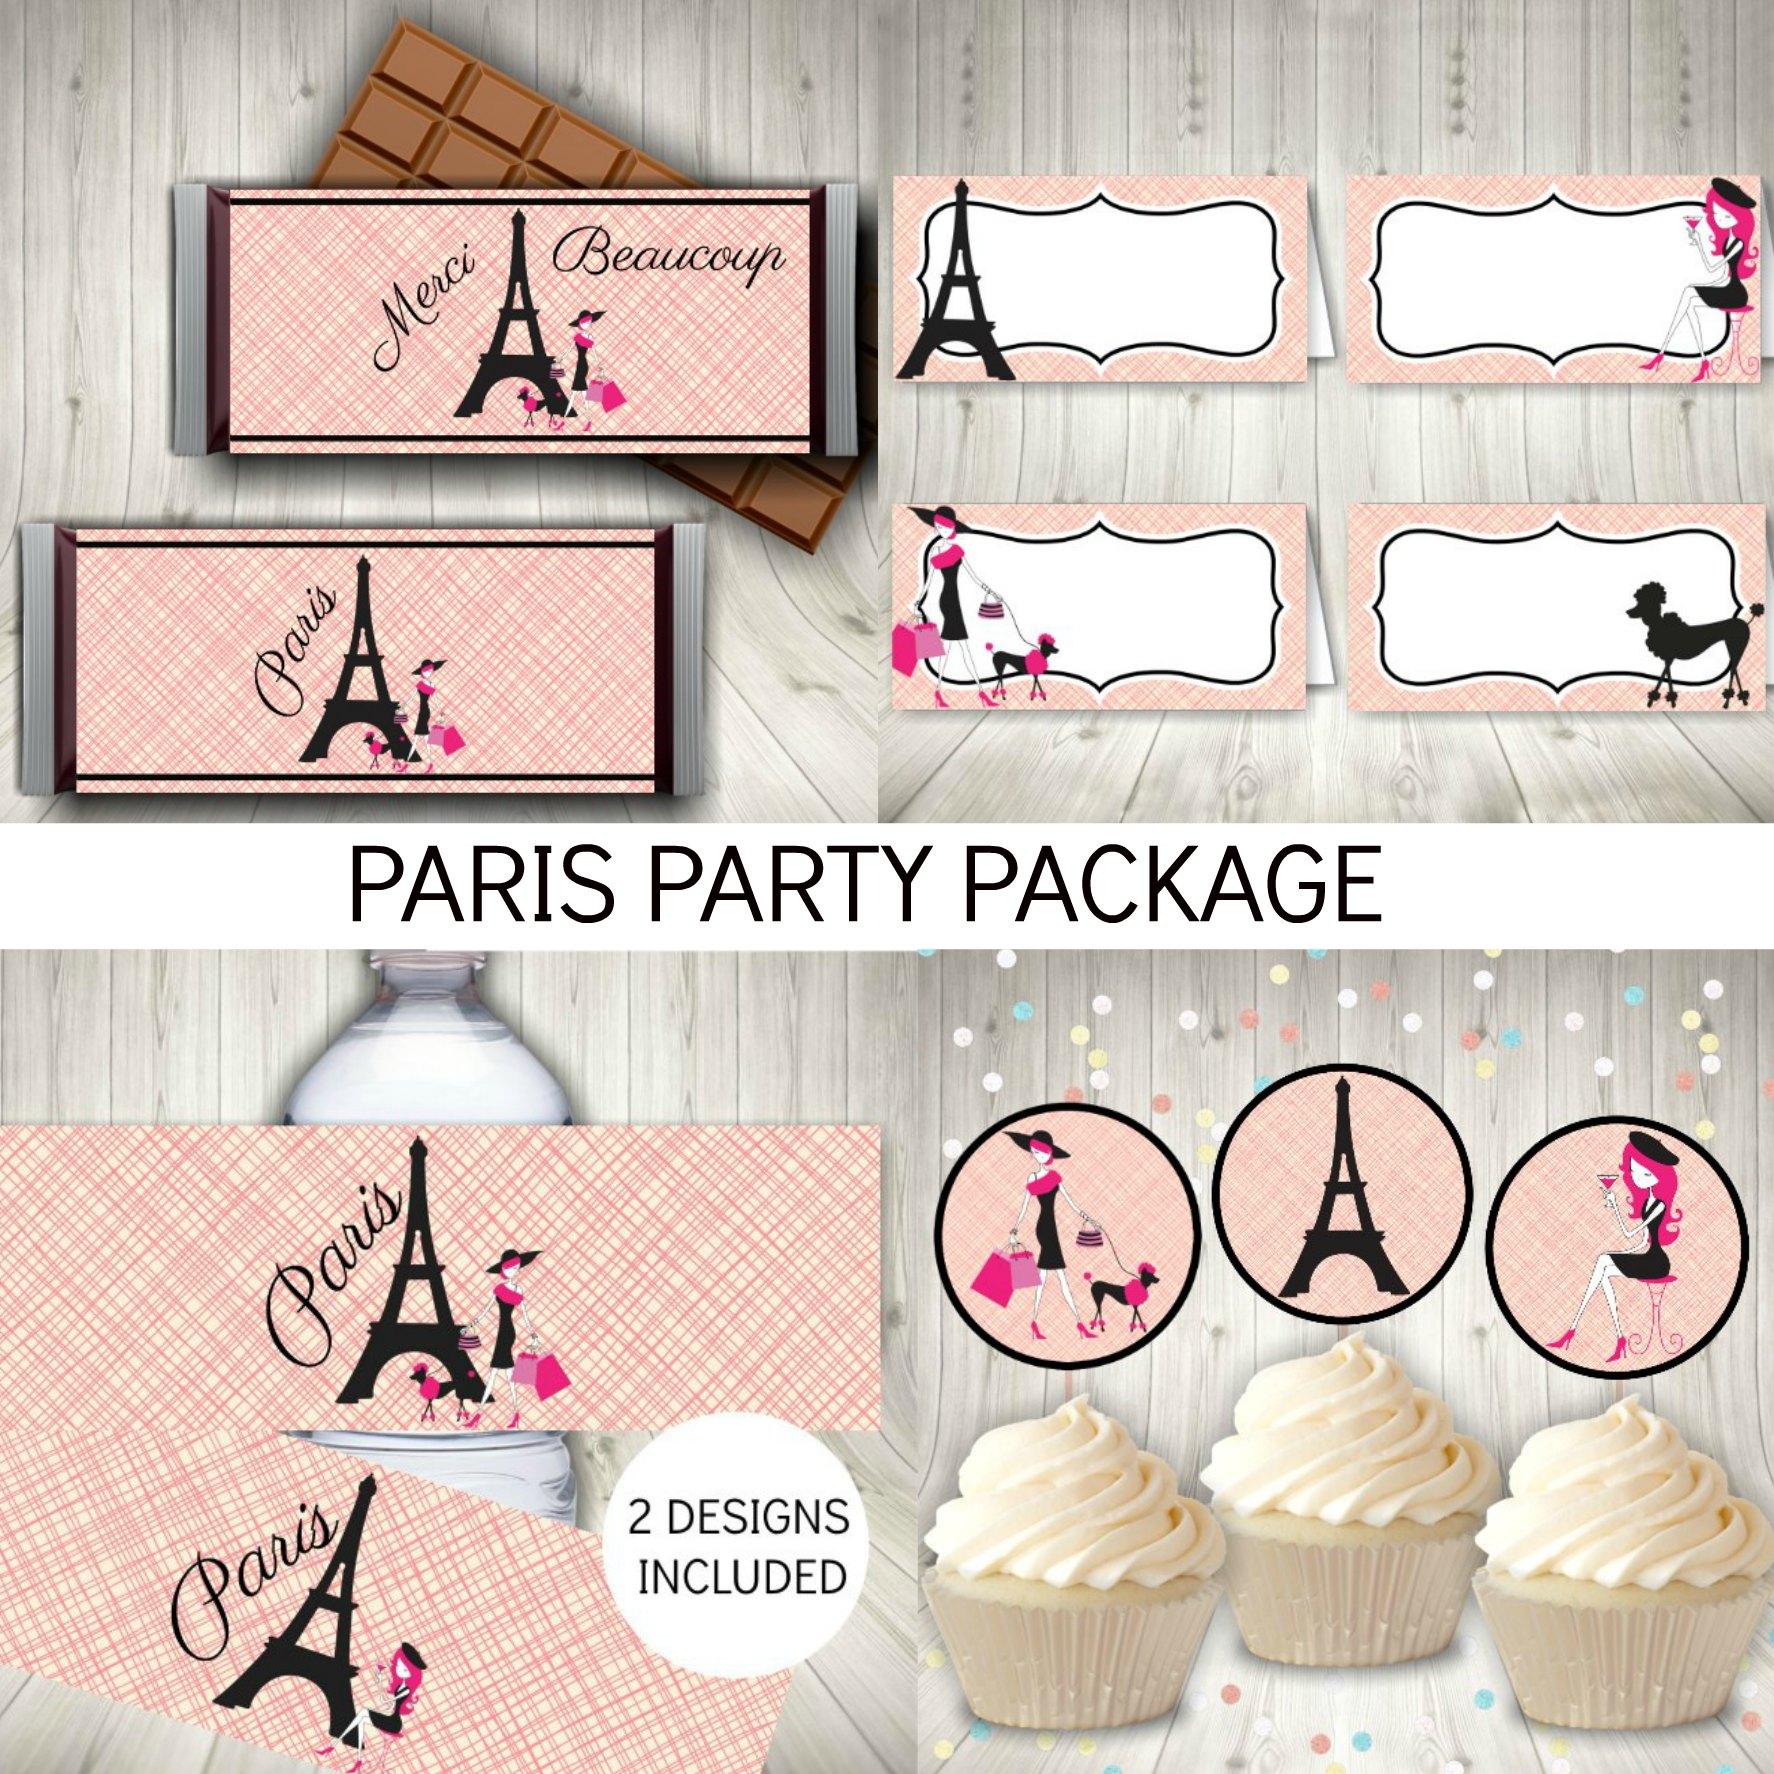 Paris Party Package